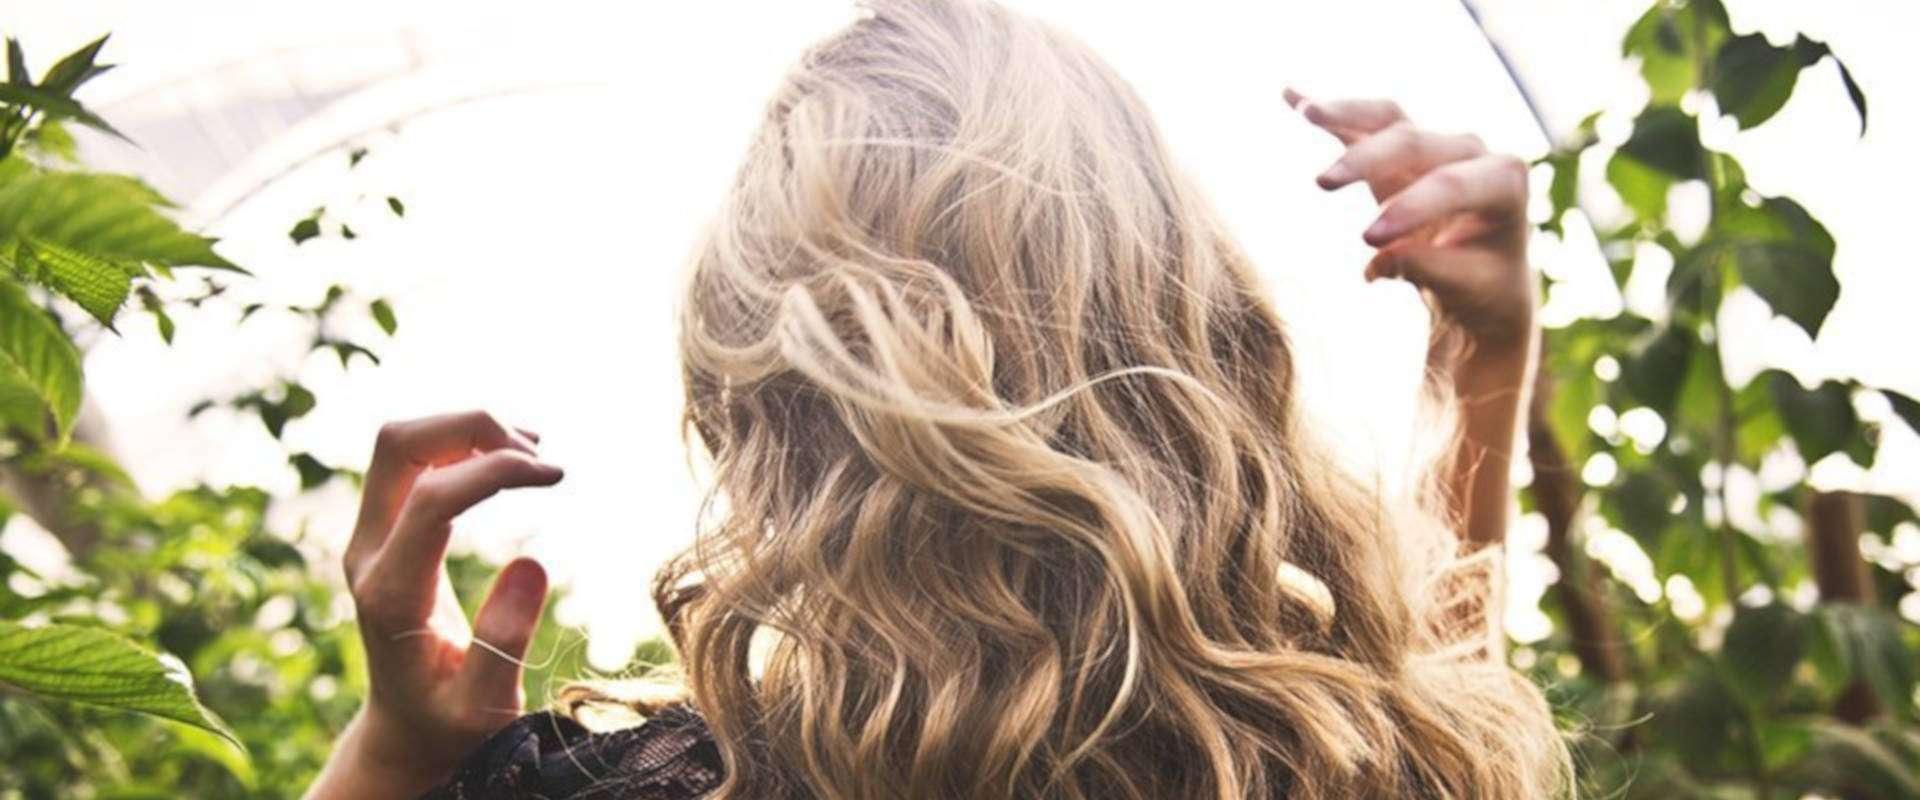 darshanatura-capelli-forti-cura-dei-capelli-capelli-sani-header